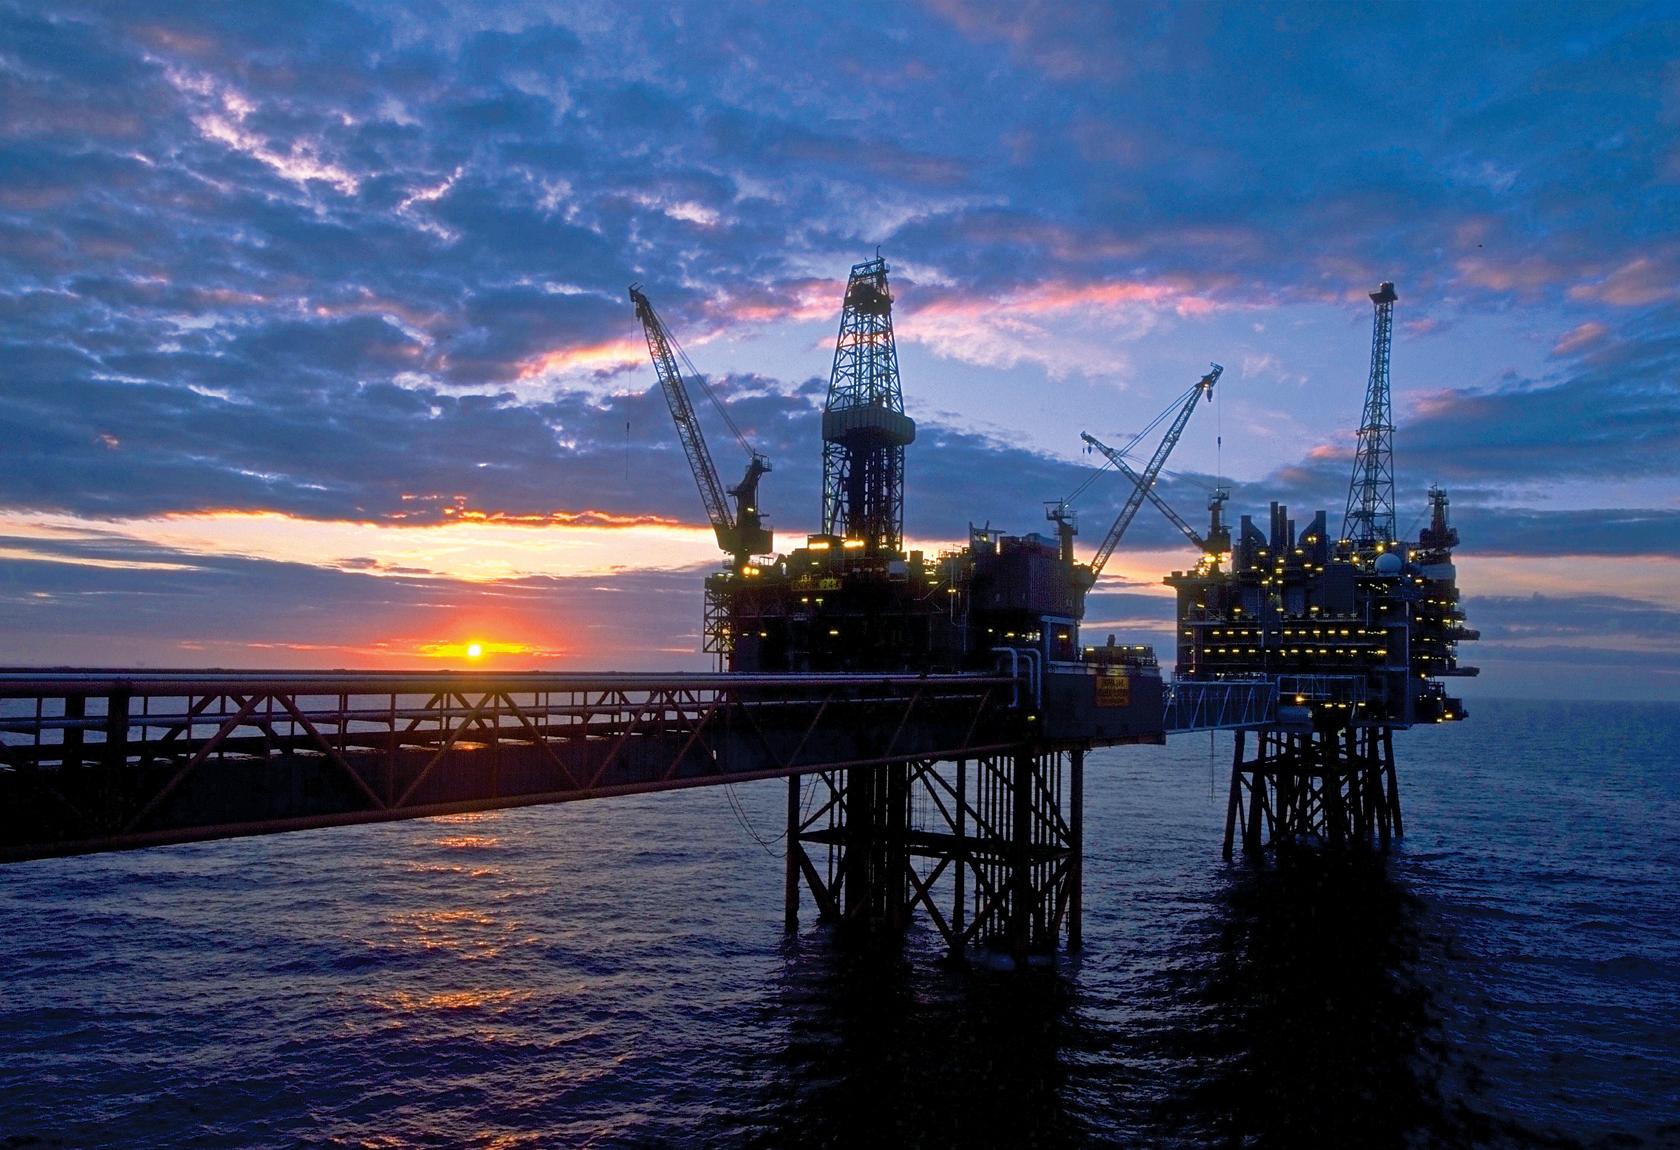 ConocoPhillips oil rig in the North Sea.